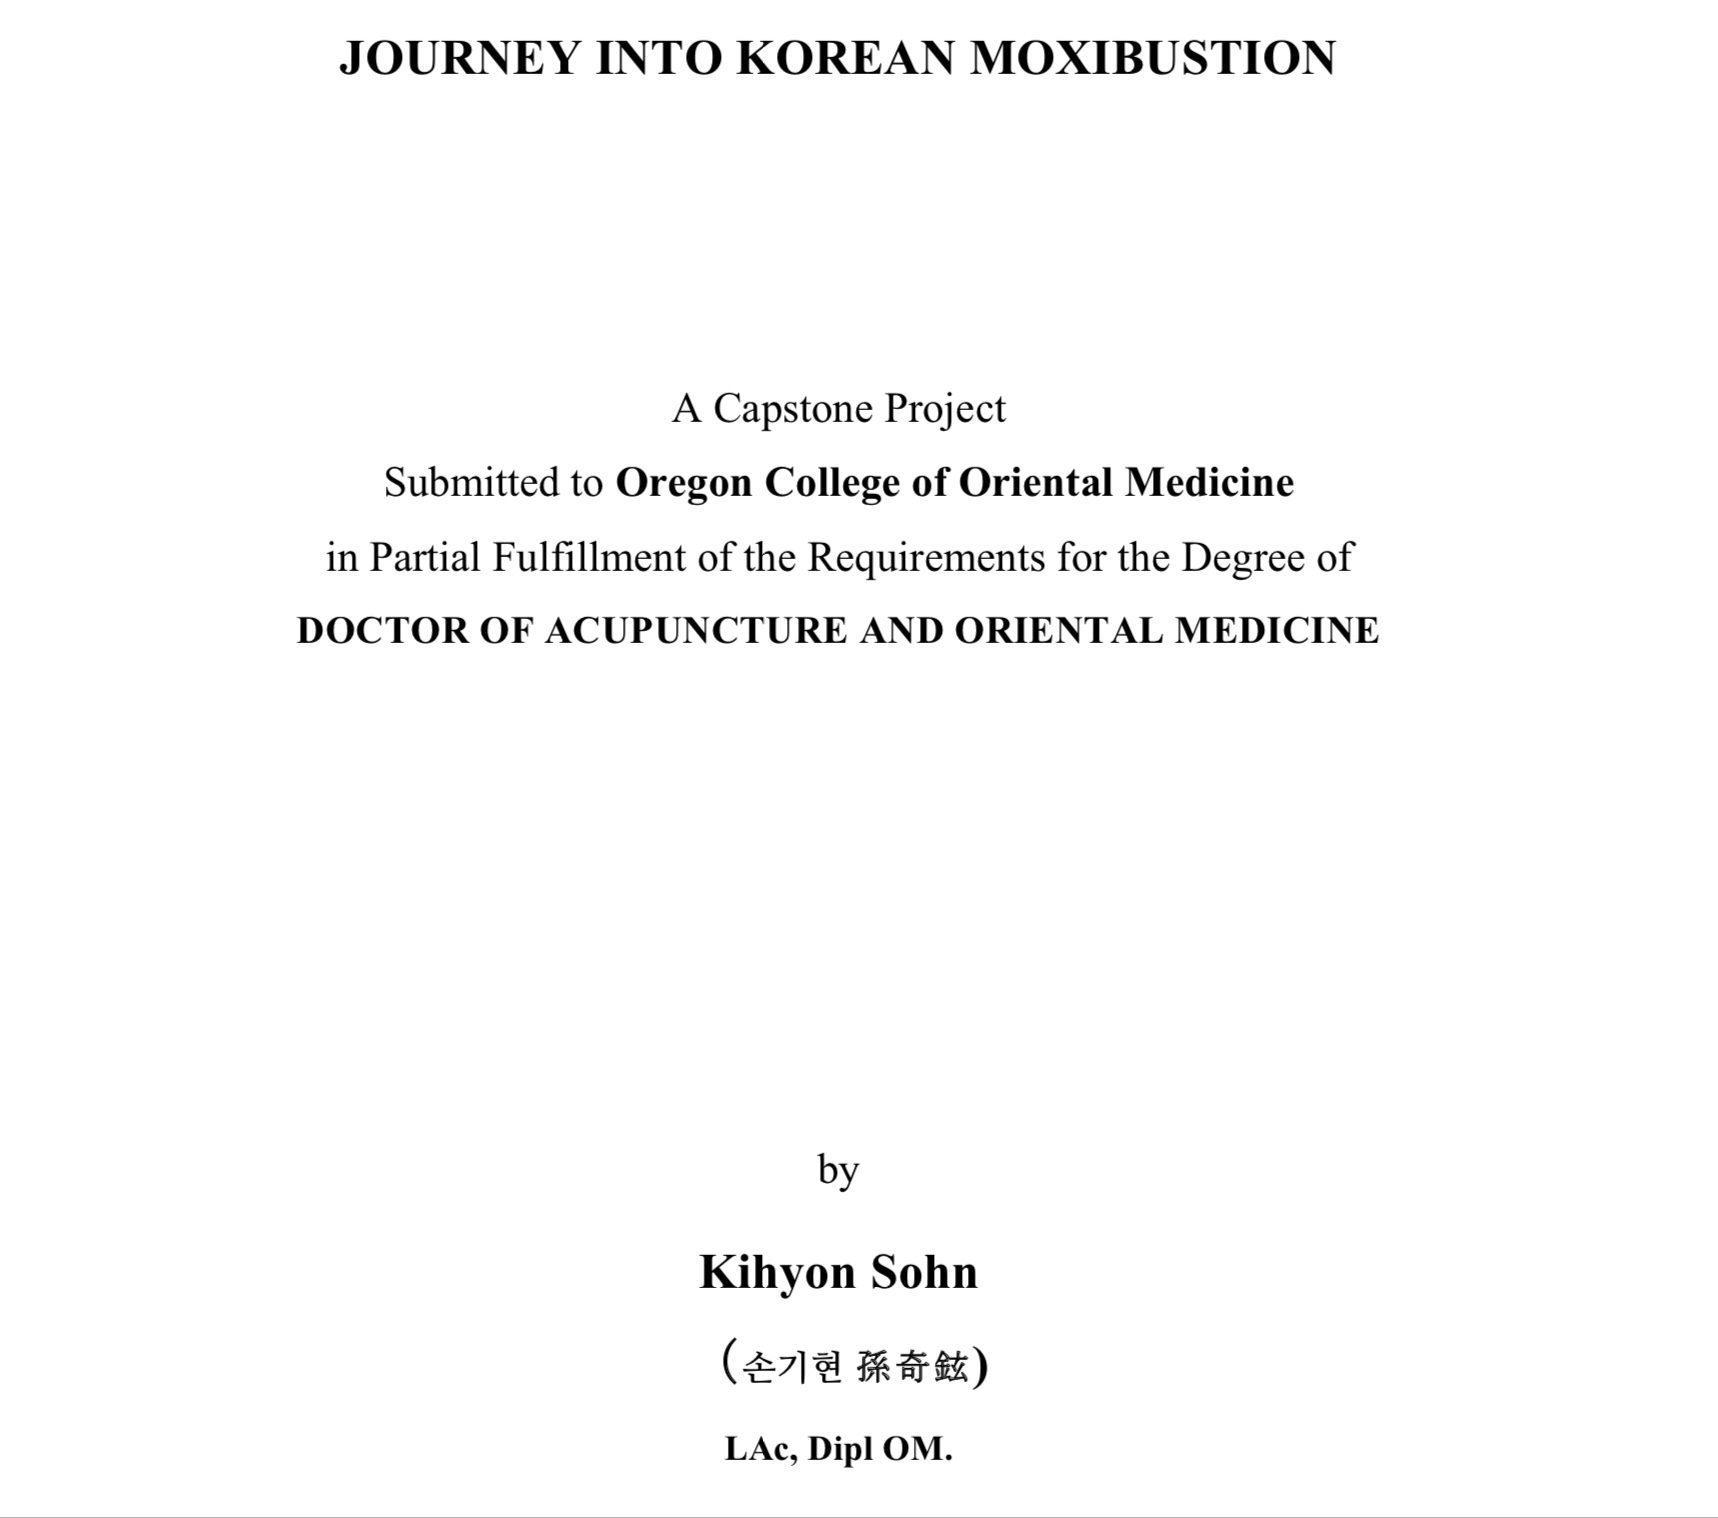 Moxibustion Kihyon Sohn